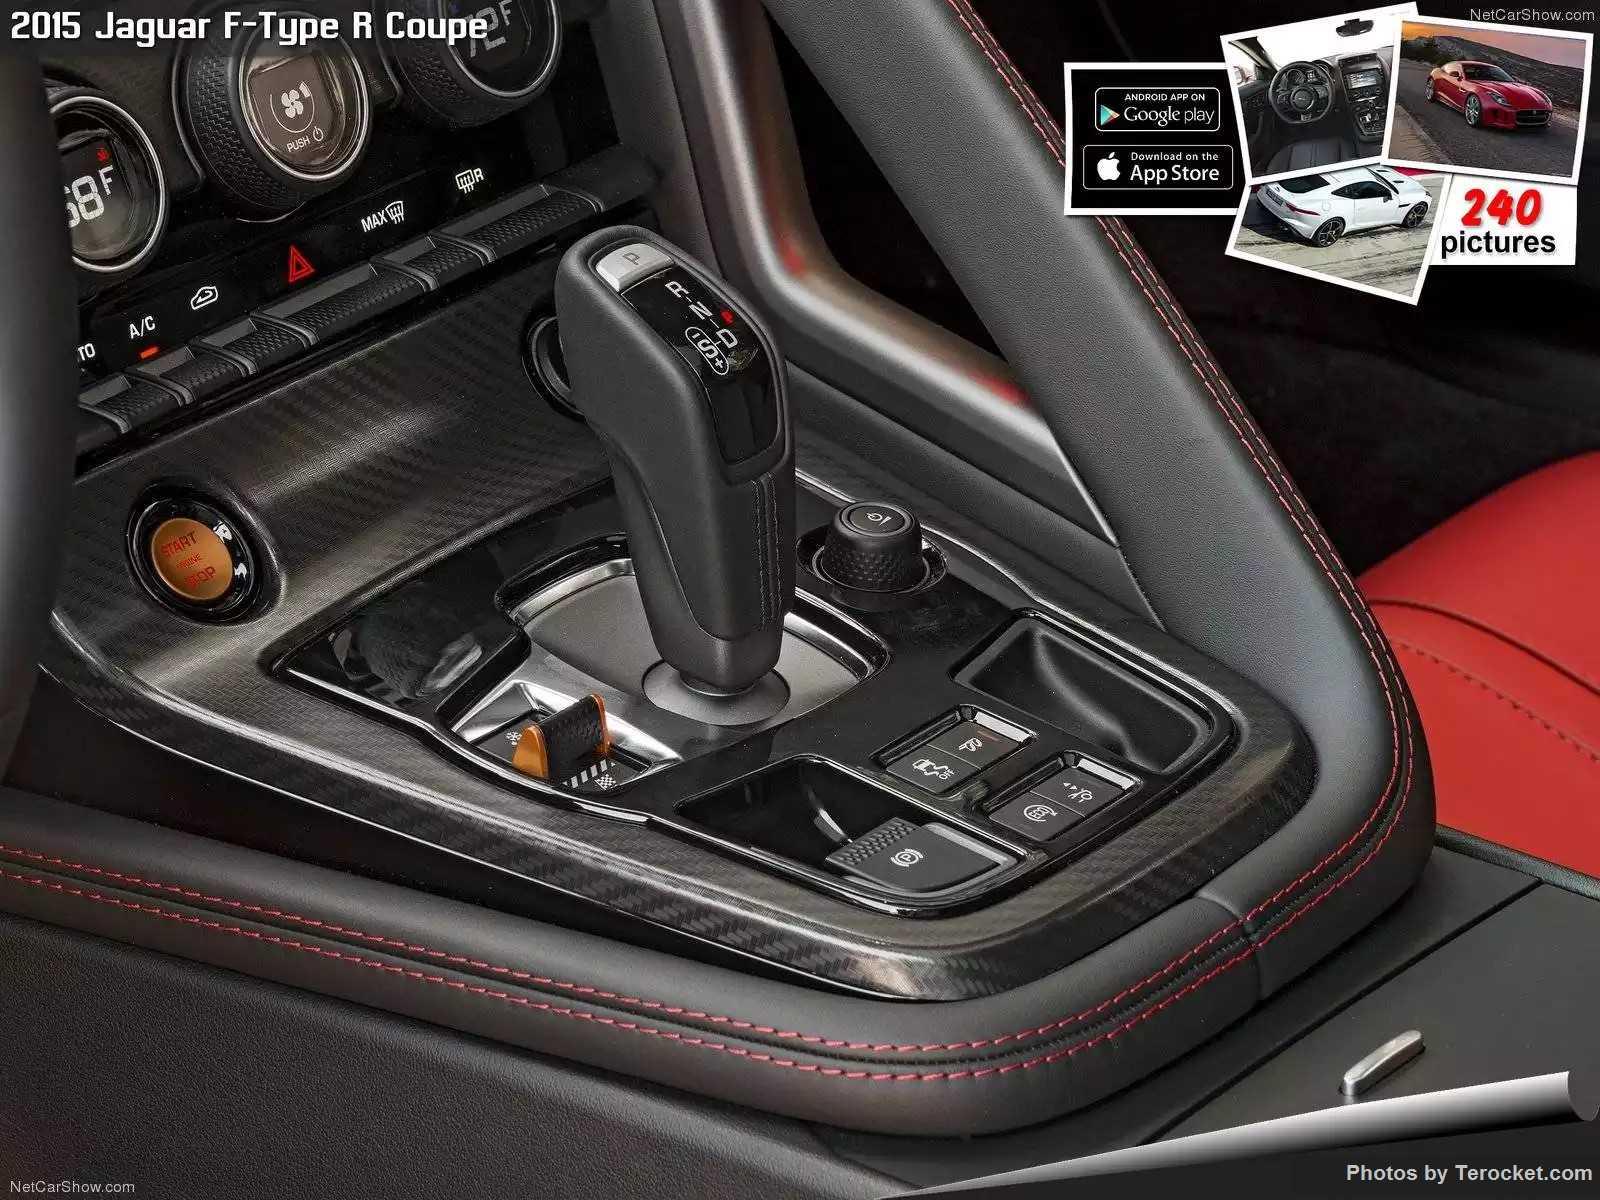 Hình ảnh xe ô tô Jaguar F-Type R Coupe 2015 & nội ngoại thất